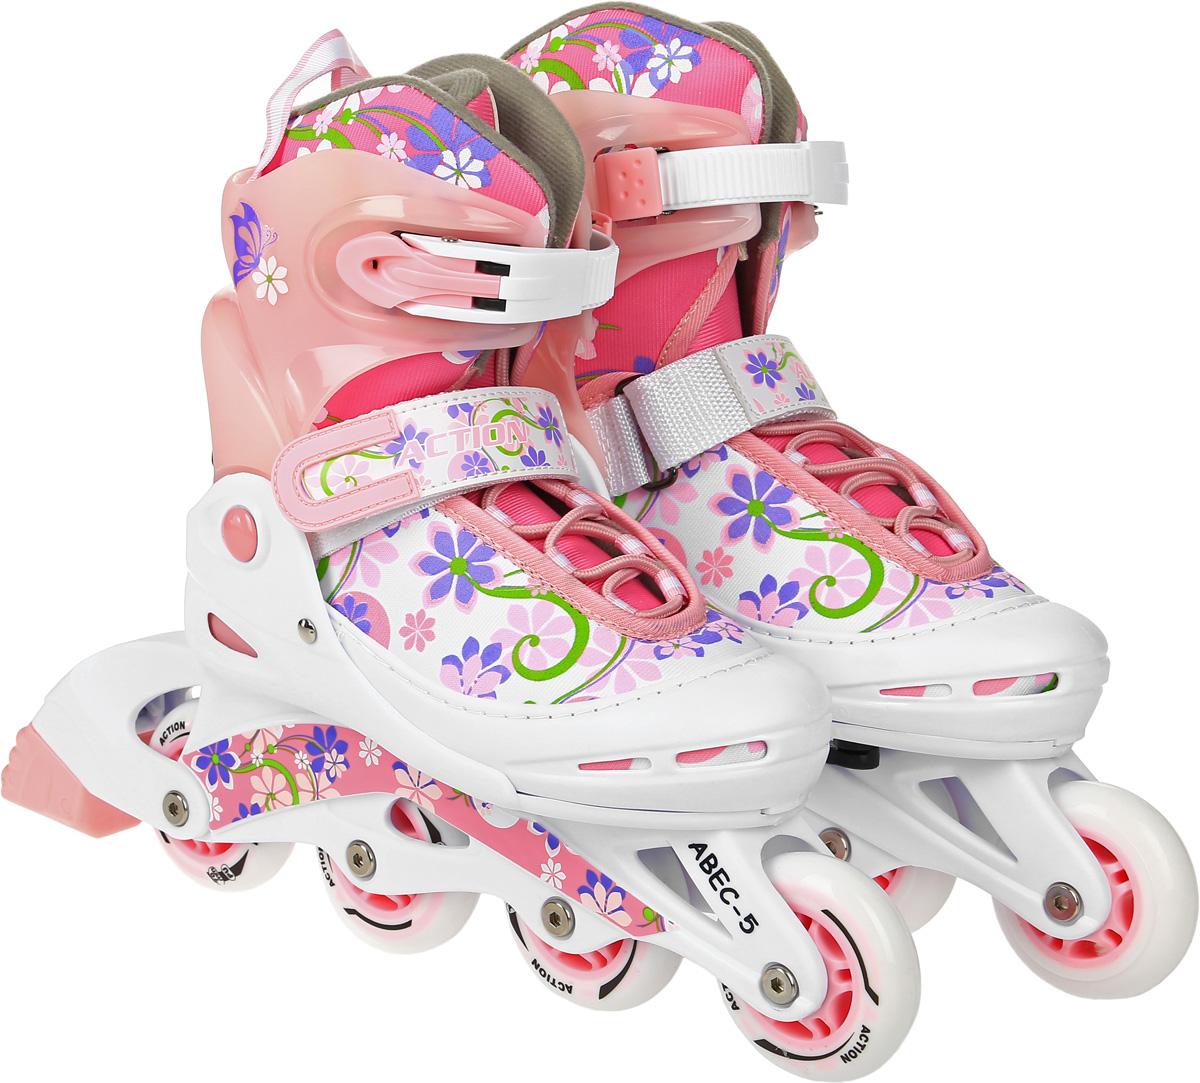 Коньки роликовые Action  PW-717 , раздвижные, цвет: белый, розовый, фиолетовый. Размер 34/37 - Ролики